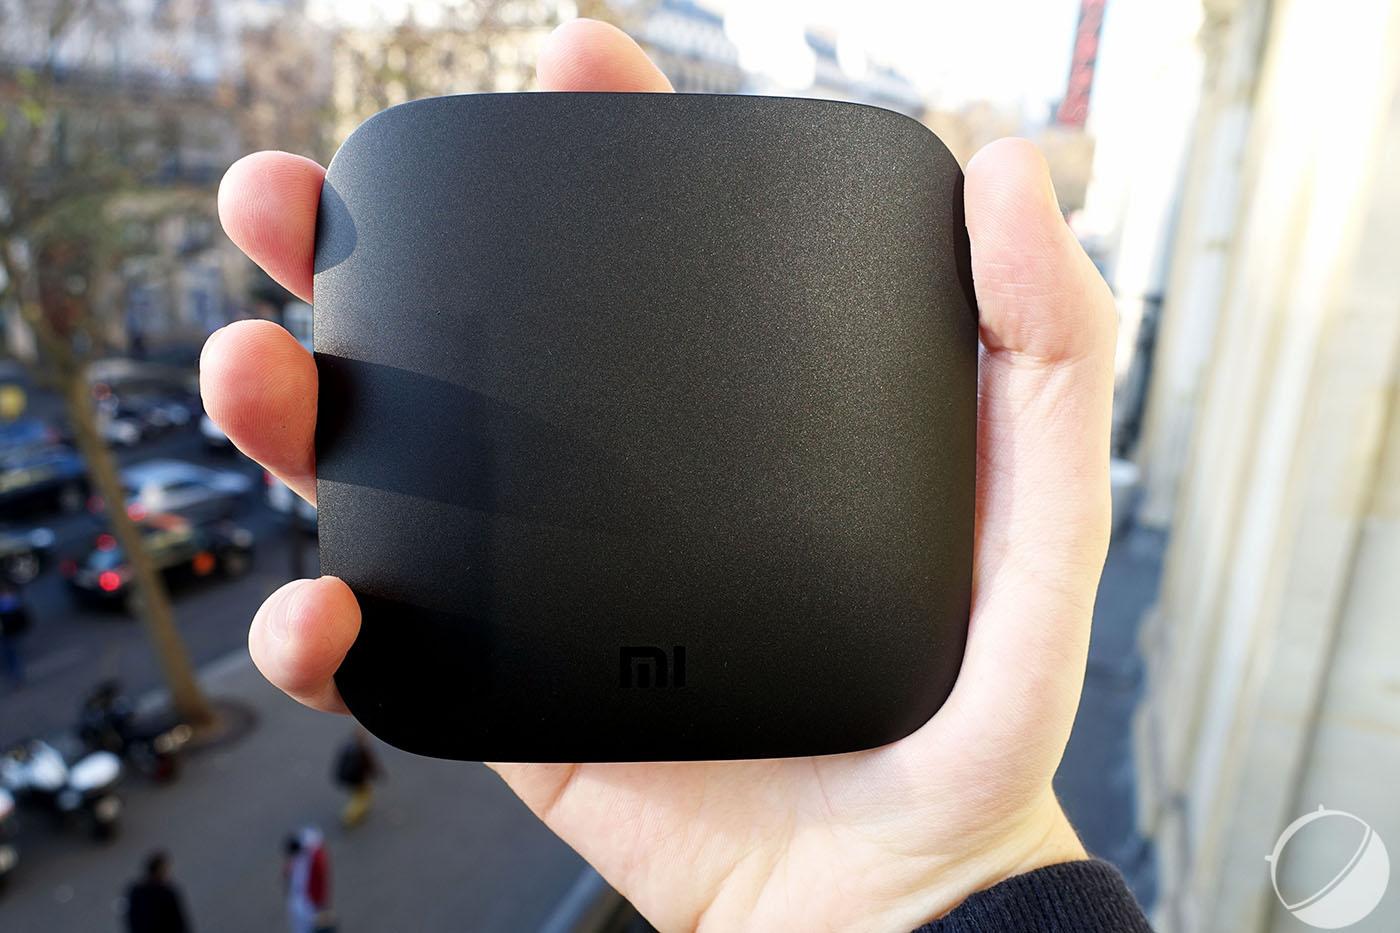 La Xiaomi Mi Box passe sous Android Oreo et propose Google Assistant